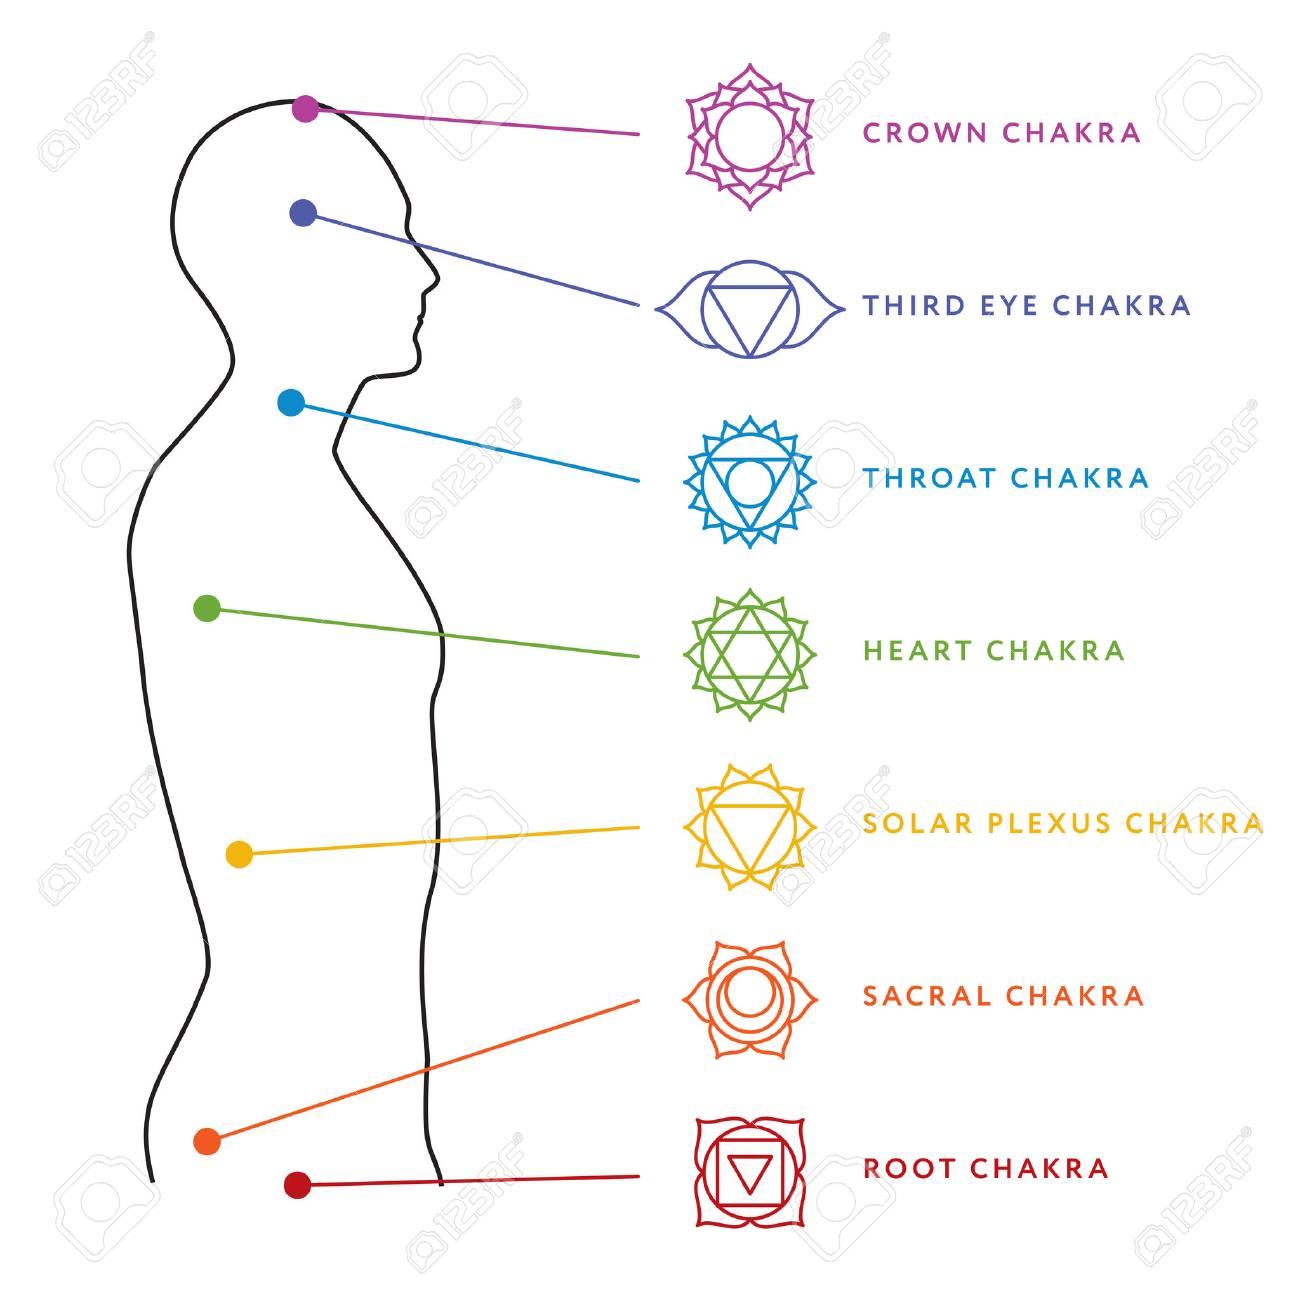 Chakra Sistema De Gráfico De Cuerpo Humano. Ilustraciones ...